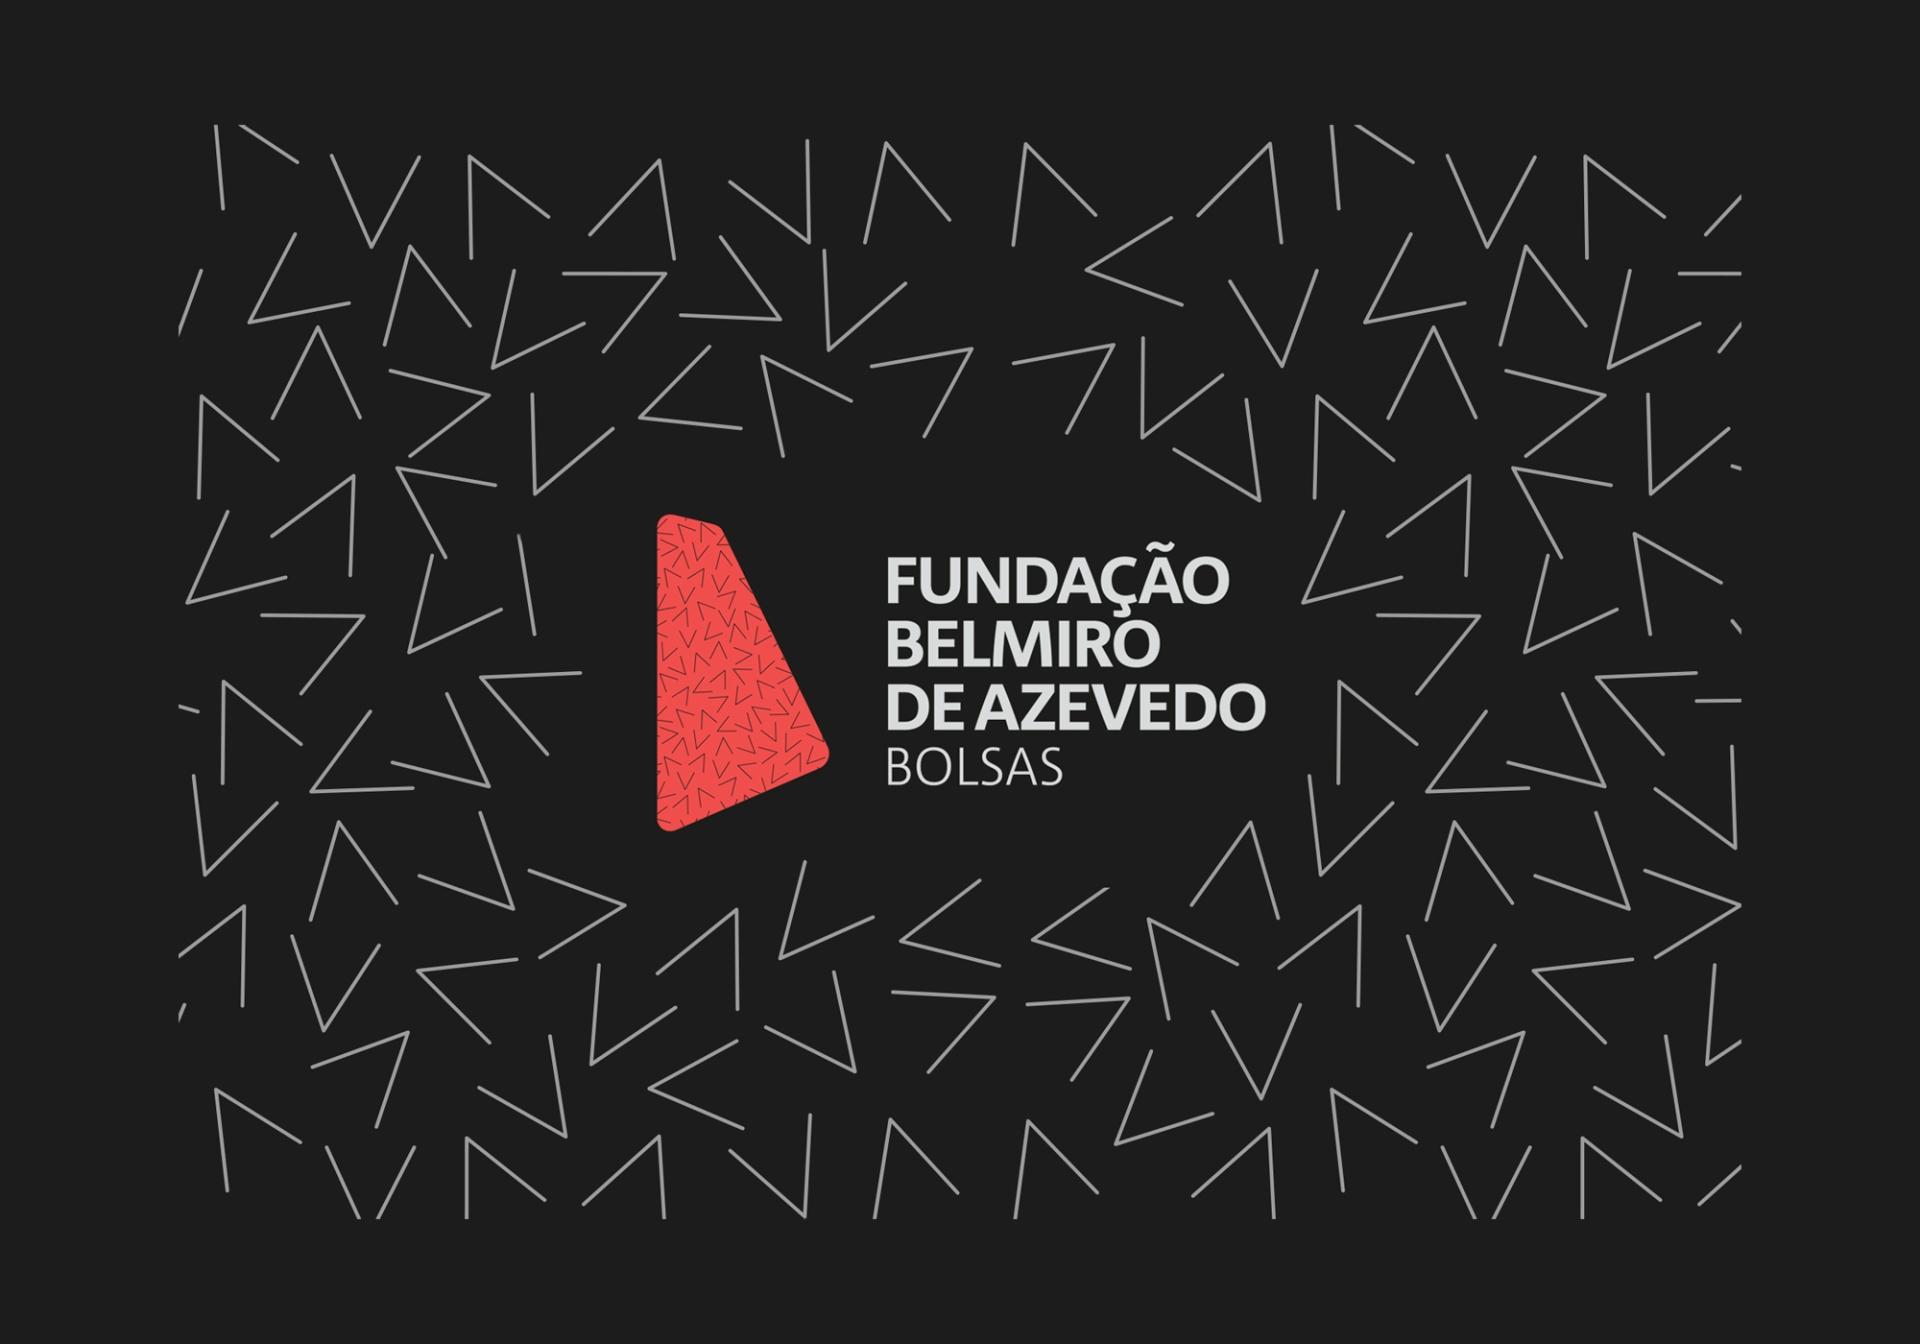 Fundação Belmiro de Azevedo Image:9 dobra-fba-id-11